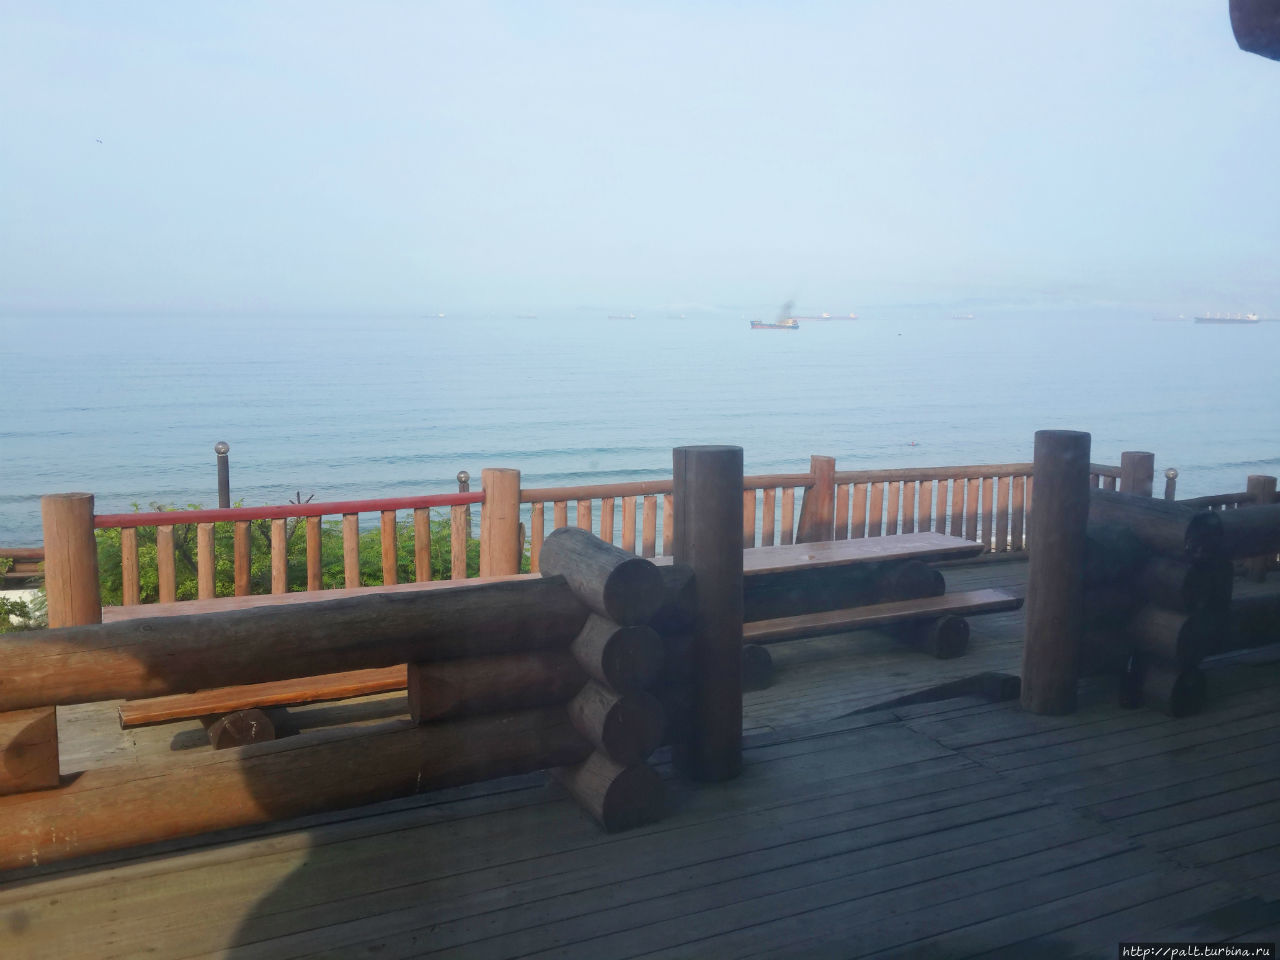 Чтобы увидеть такое утром из окна, чтобы выпить чашку кофе на такой террасе, можно забыть про все